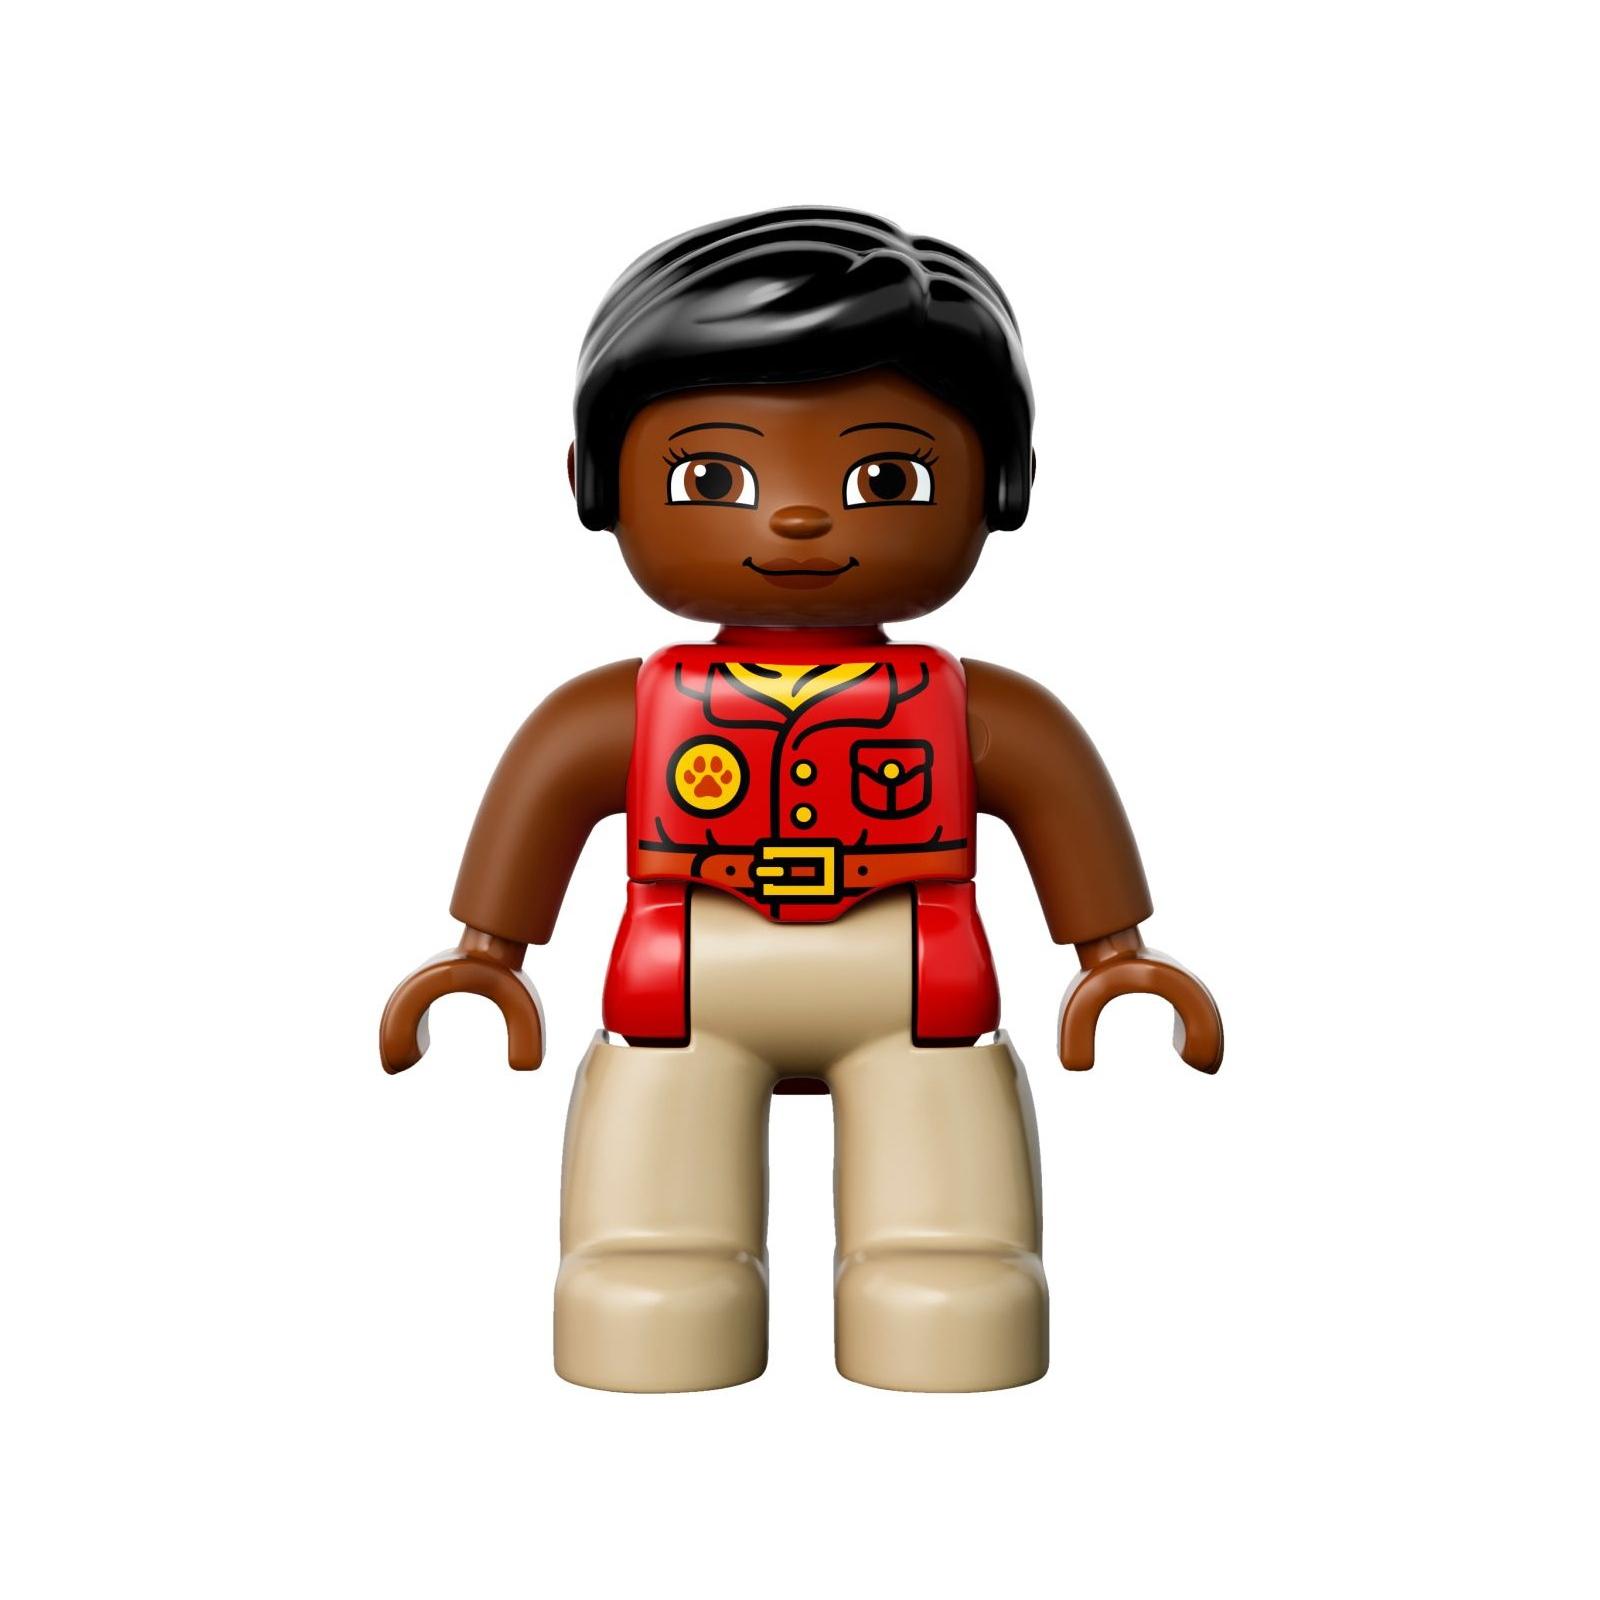 Конструктор LEGO Duplo Town Вокруг света (10805) изображение 8